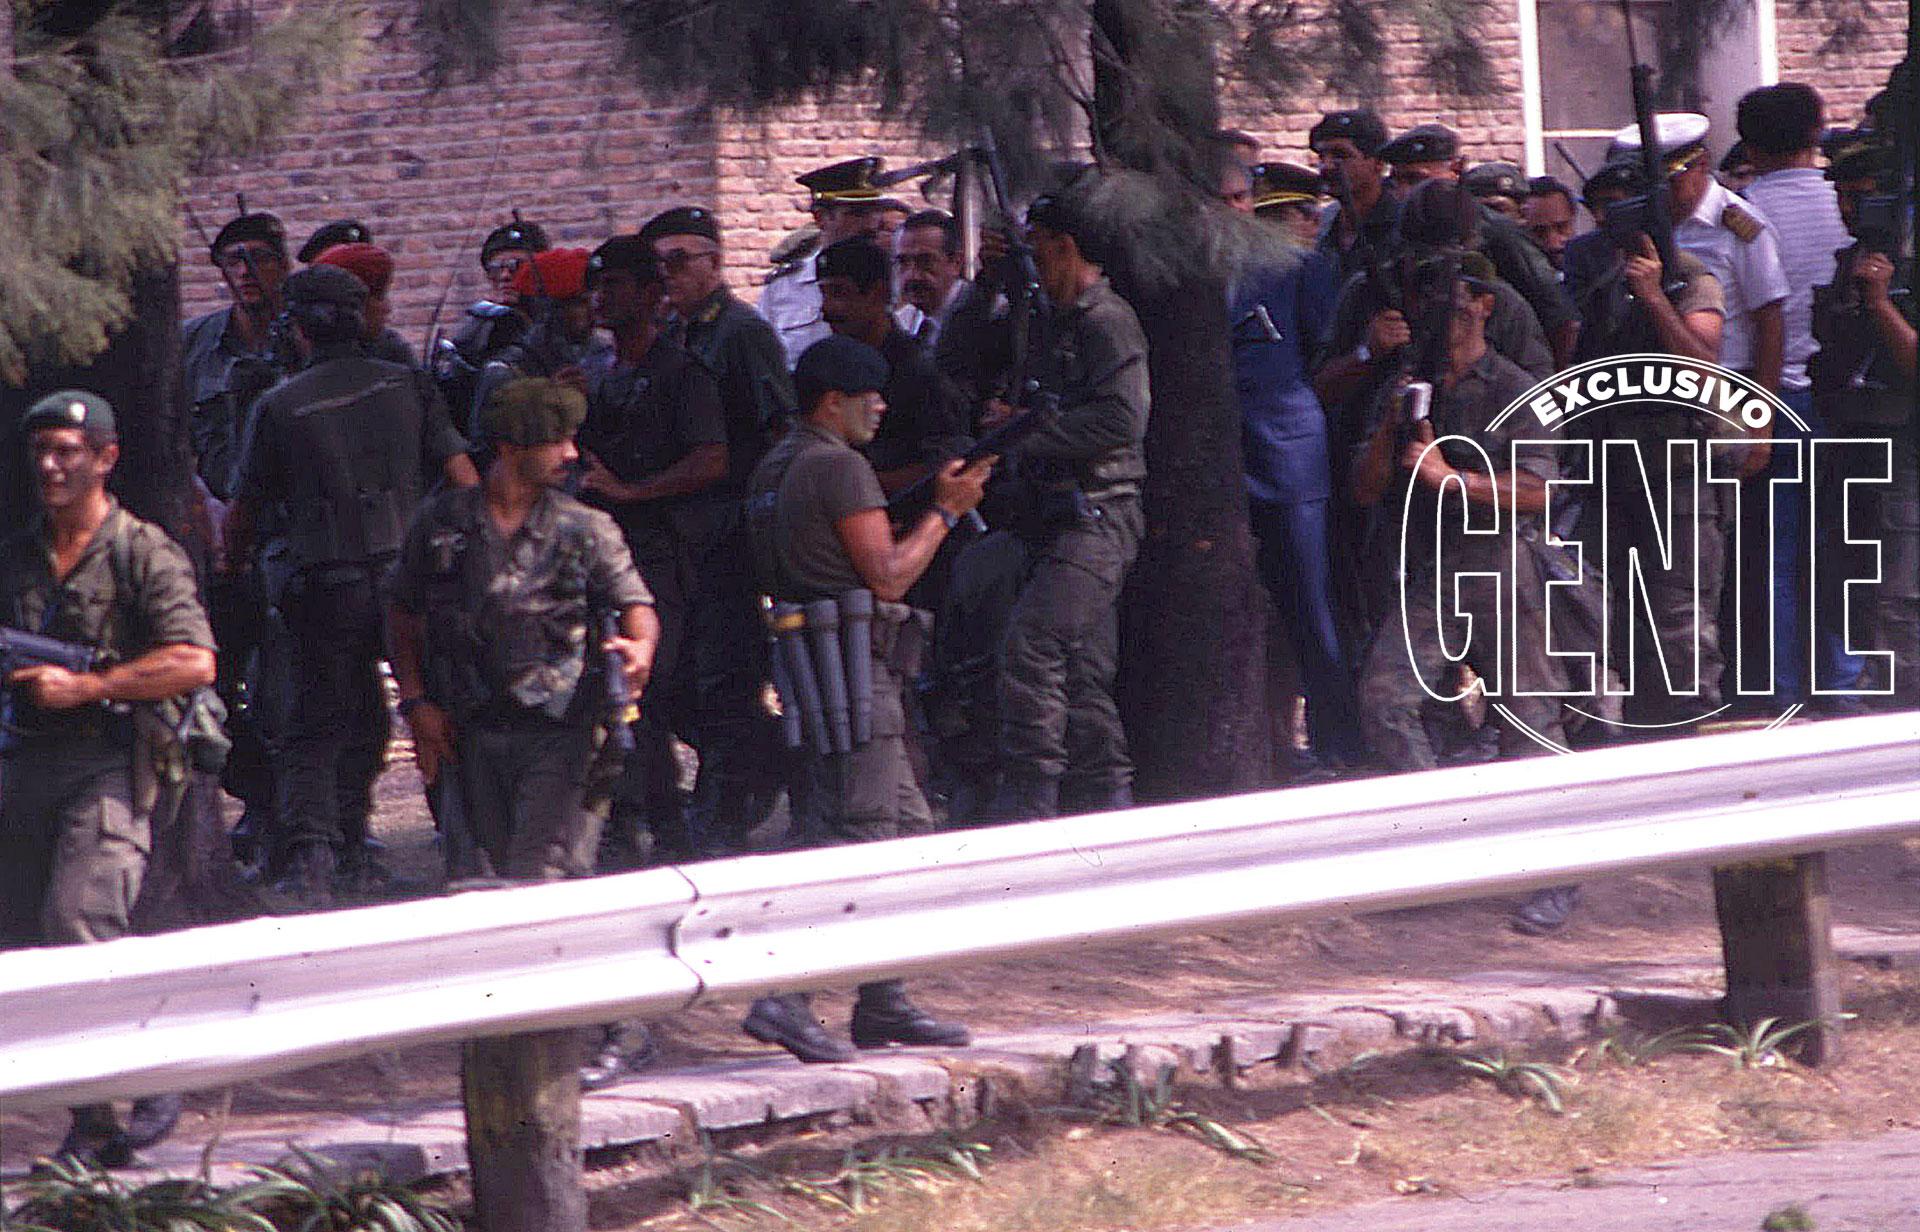 A las 11,50, el helicóptero que trasladaba al presidente Raúl Alfonsín aterrizó en la Plaza de Armas. Aunque la situación ya estaba controlada, se escucharon unos disparos que provocaron desconcierto. De inmediato, el Presidente fue rodeado por los comandos militares para protegerlo.